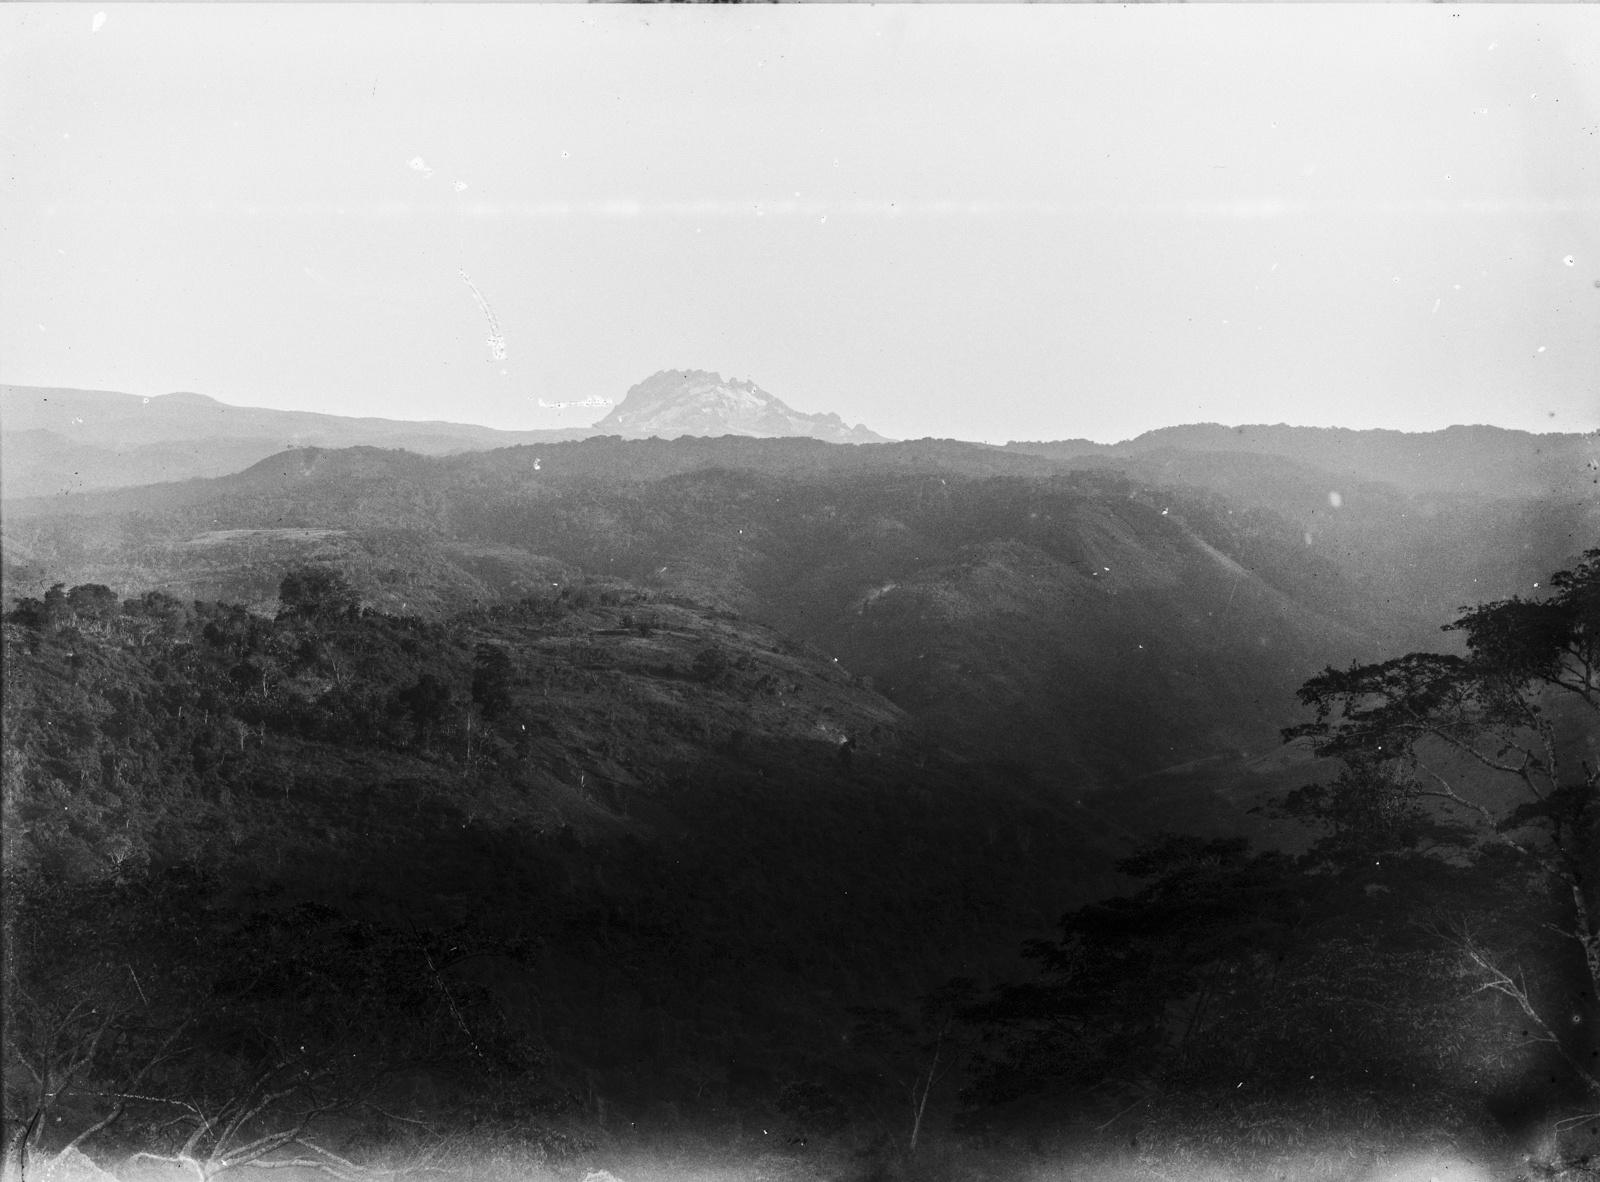 92.  Вид местности на высоте  1600 метров в районе Килиманджаро